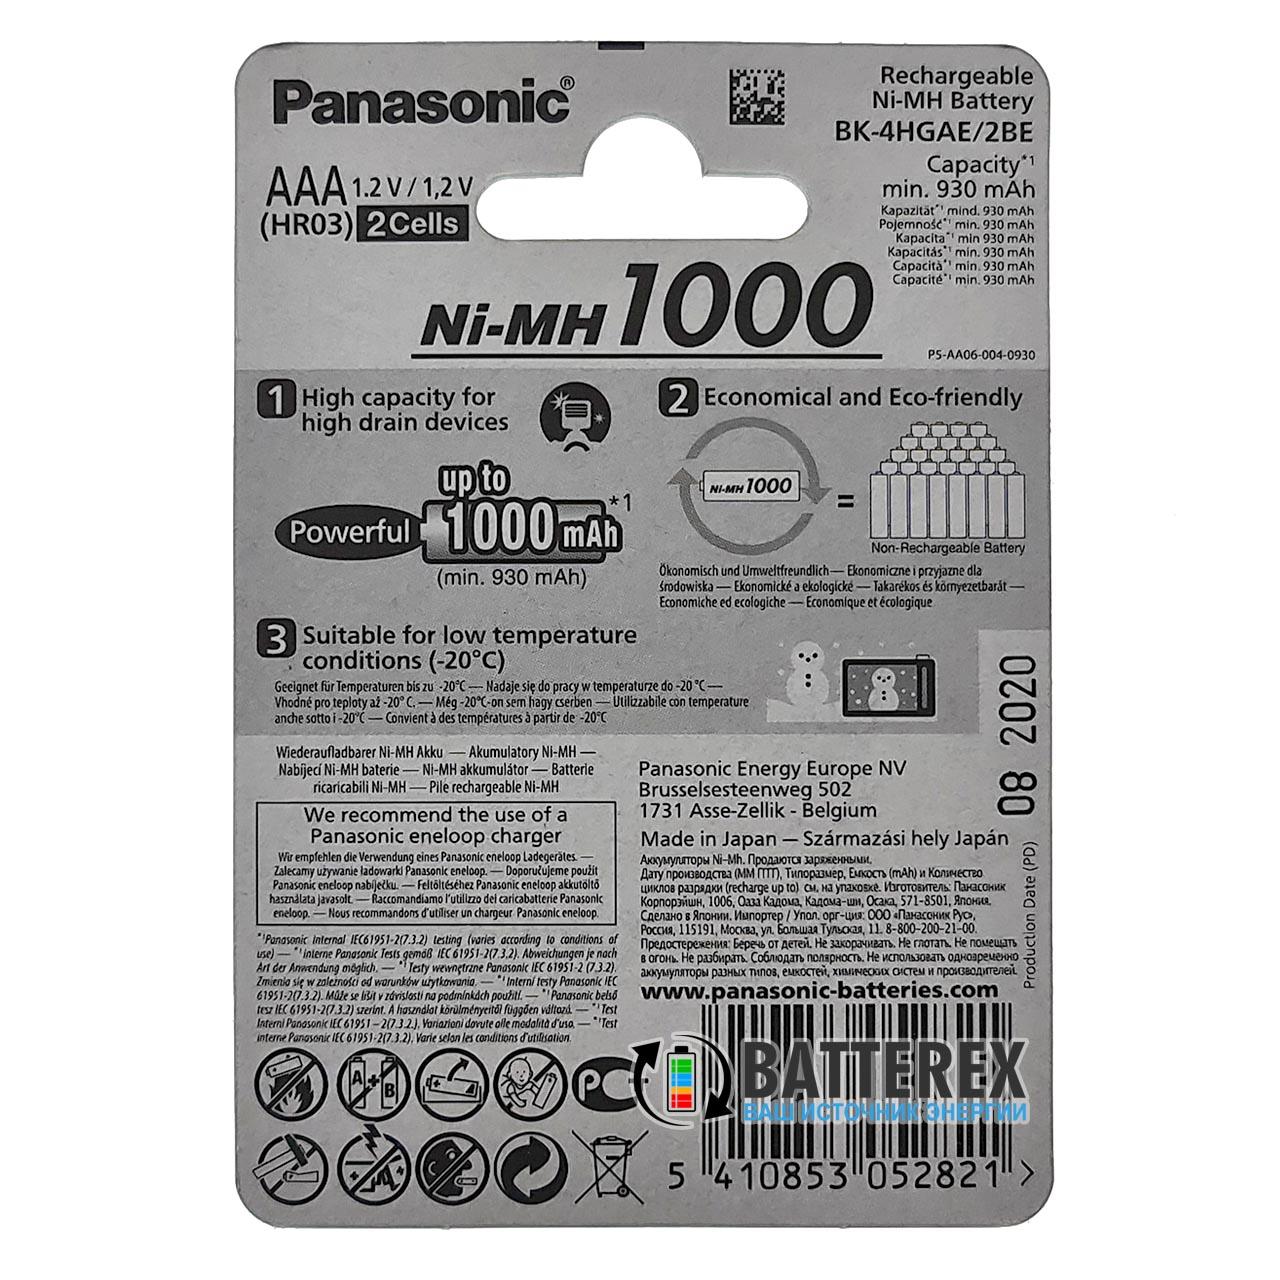 AAA аккумуляторы Panasonic 1000 mah BK-4HGAE/2BE